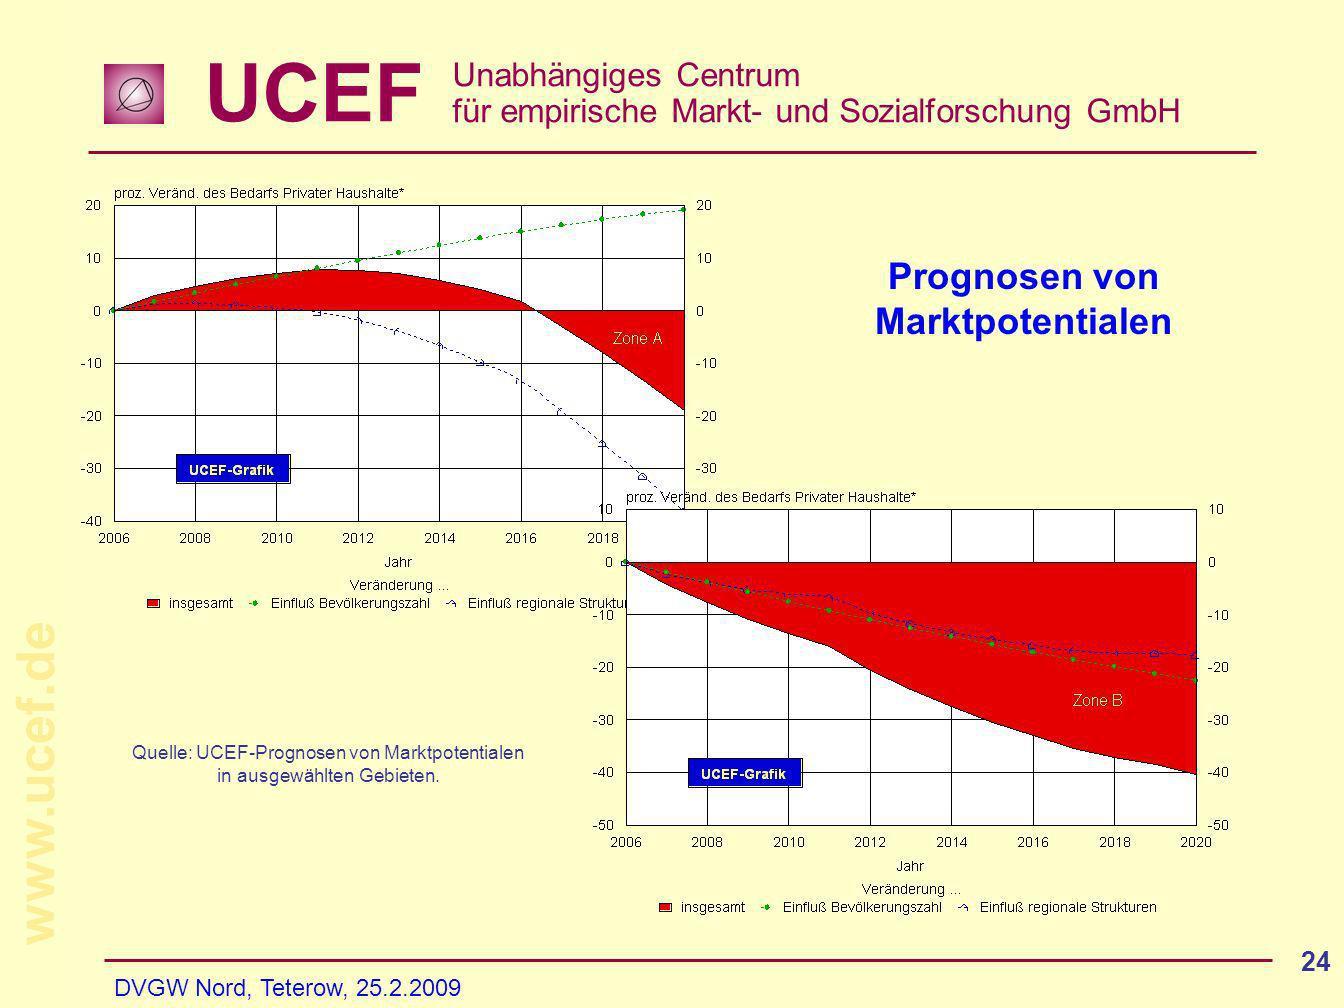 UCEF Unabhängiges Centrum für empirische Markt- und Sozialforschung GmbH www.ucef.de DVGW Nord, Teterow, 25.2.2009 24 Prognosen von Marktpotentialen Q